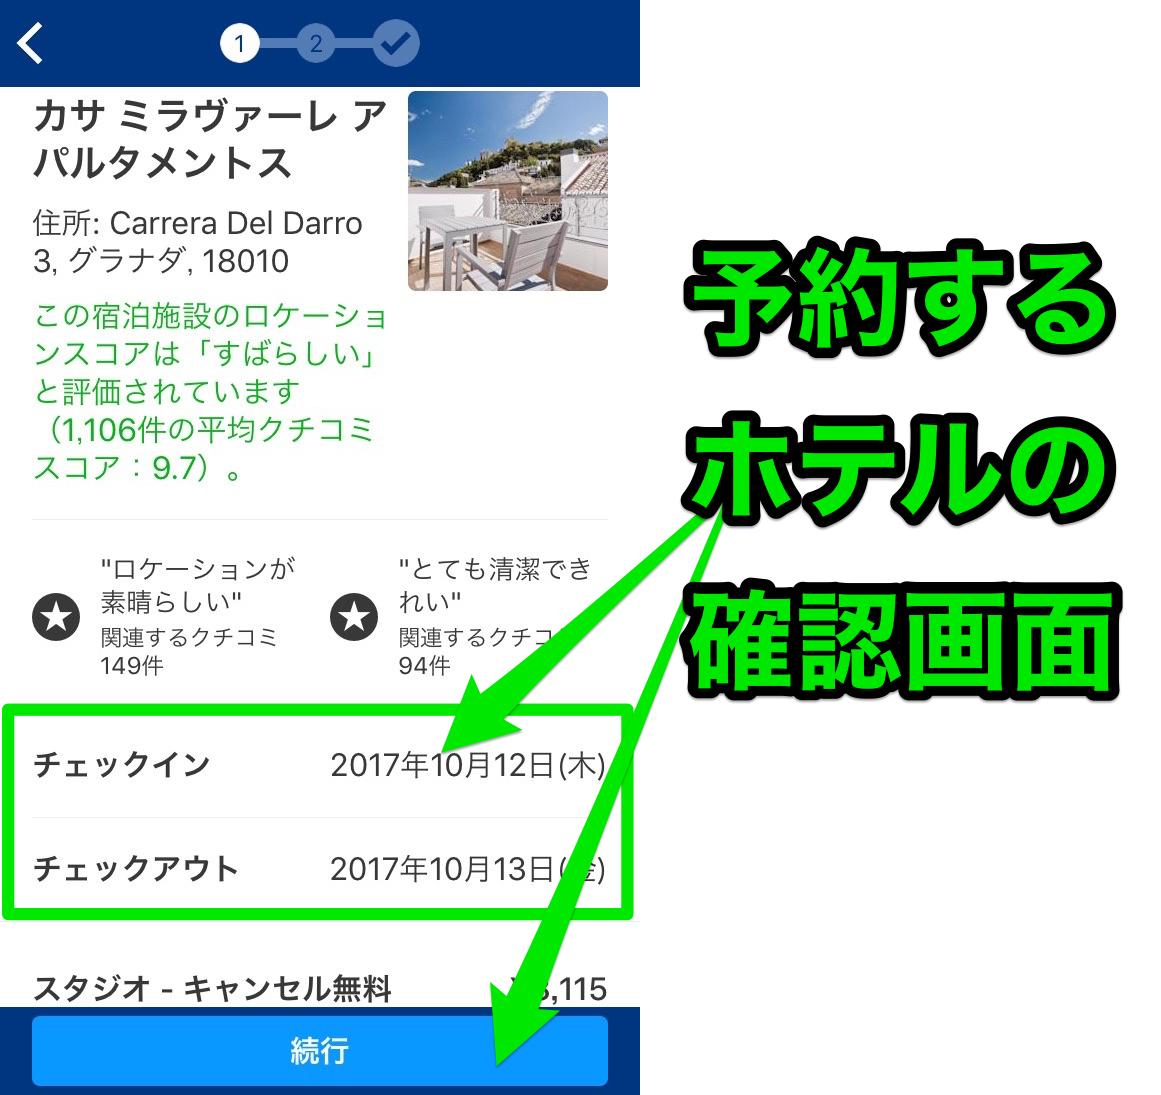 ブッキングドットコムのアプリで予約するホテルを確認する画面